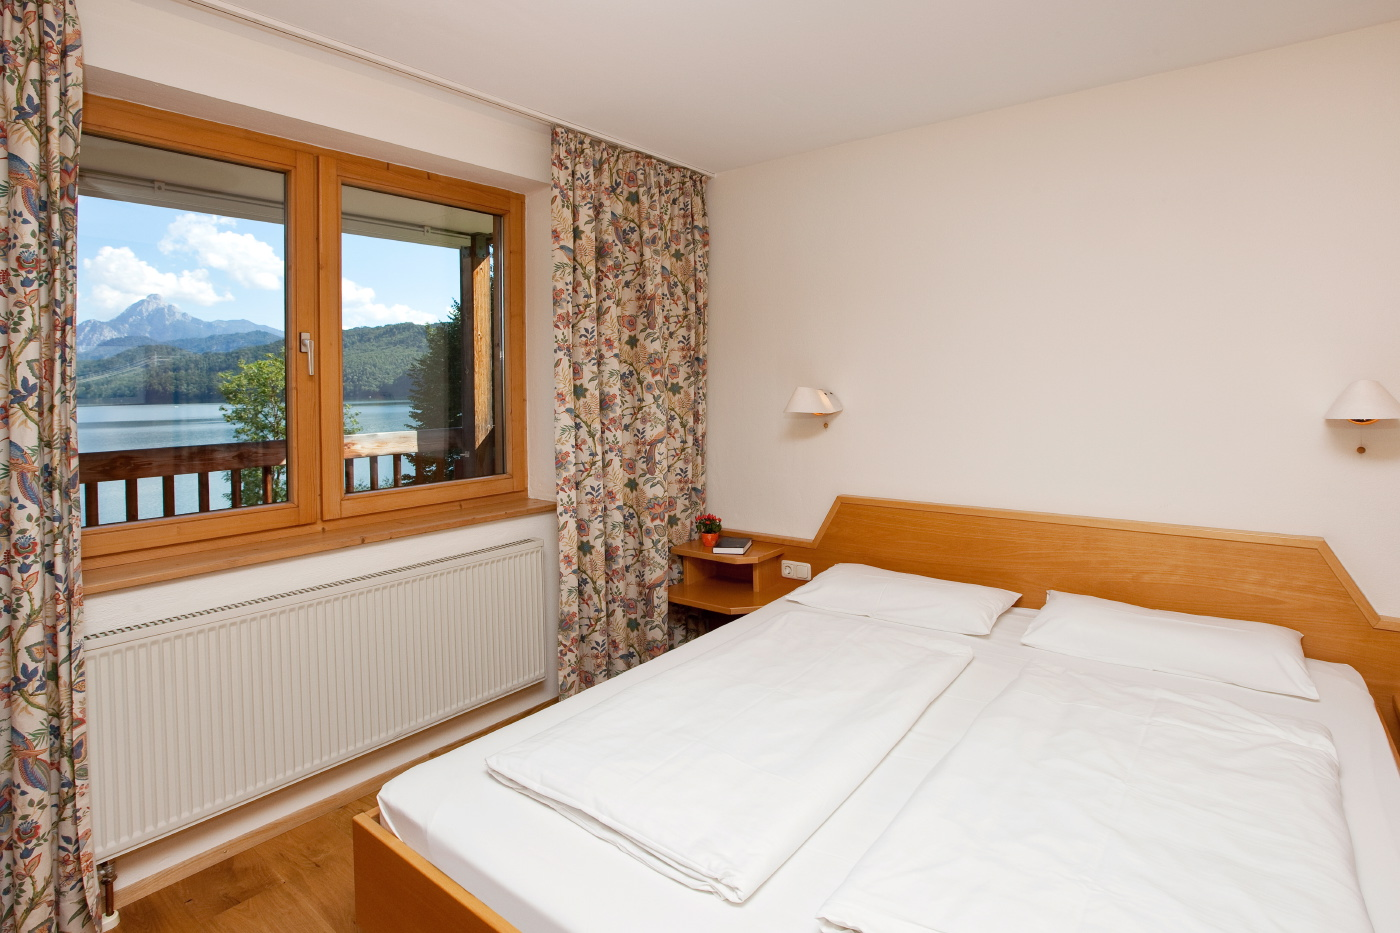 Küche im Einzimmer-Appartement im Appartementhotel Seespitz in Füssen